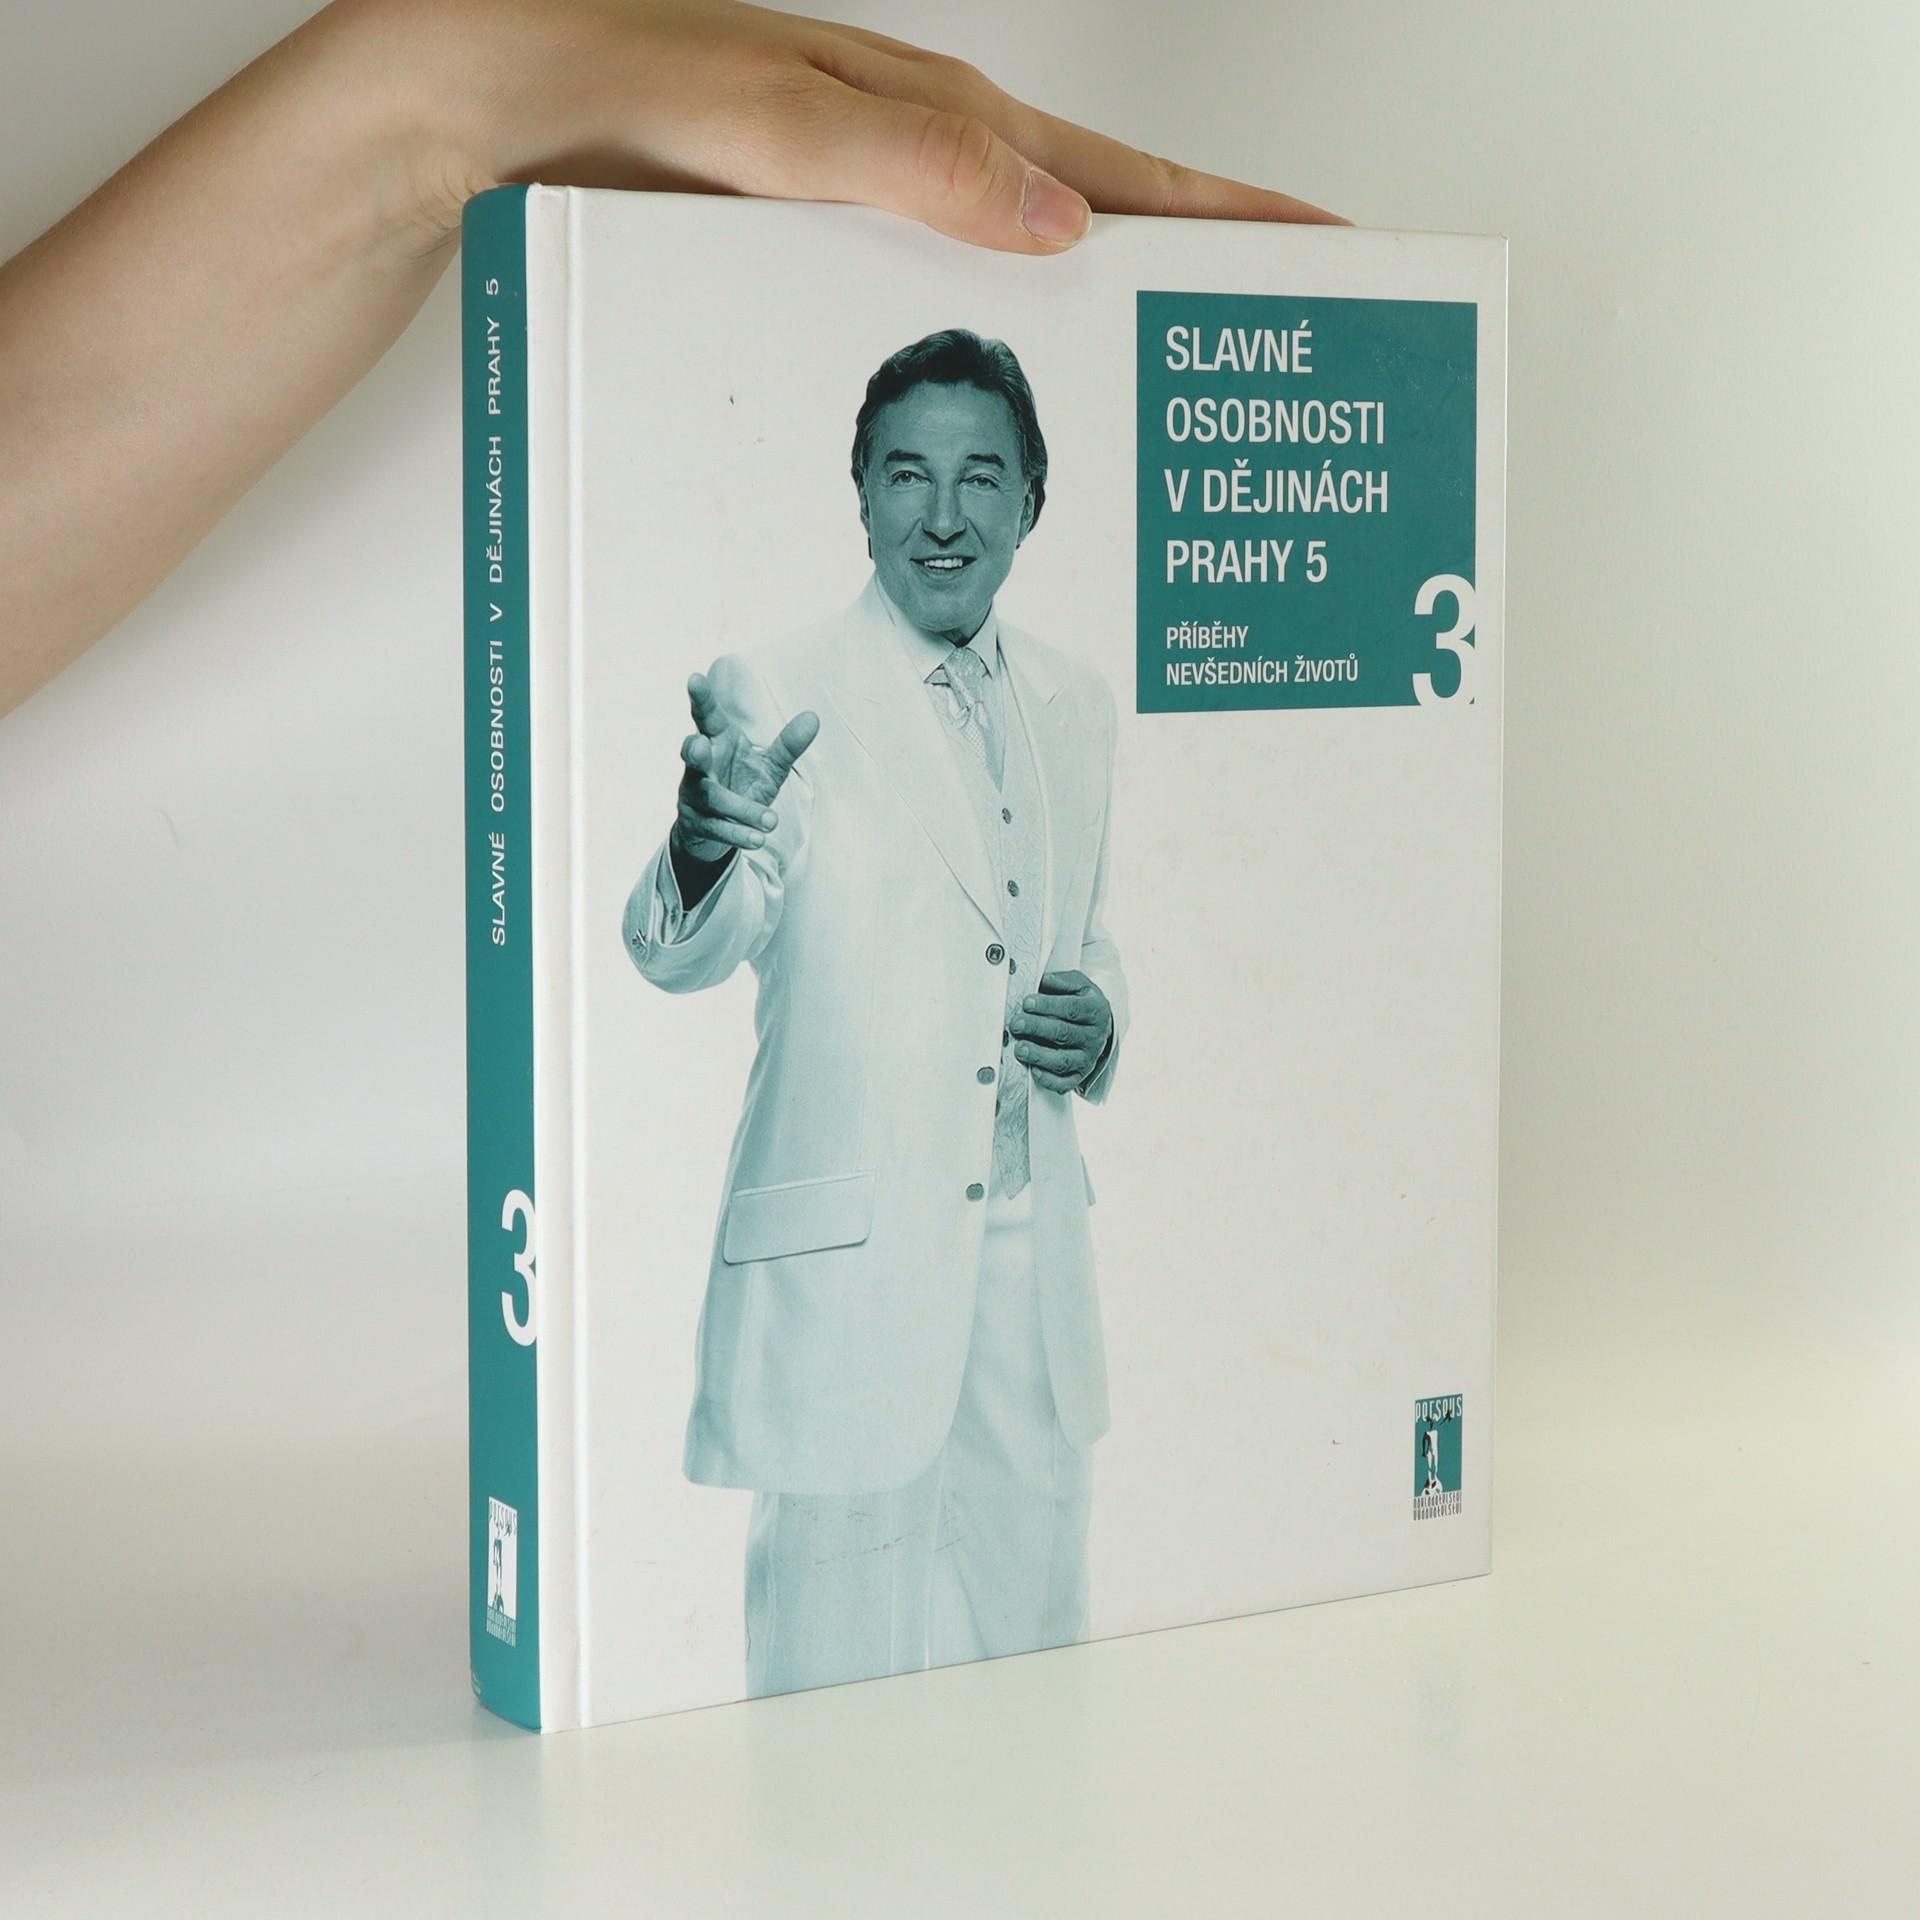 antikvární kniha Slavné osobnosti v dějinách Prahy 5 (3. díl), 2010